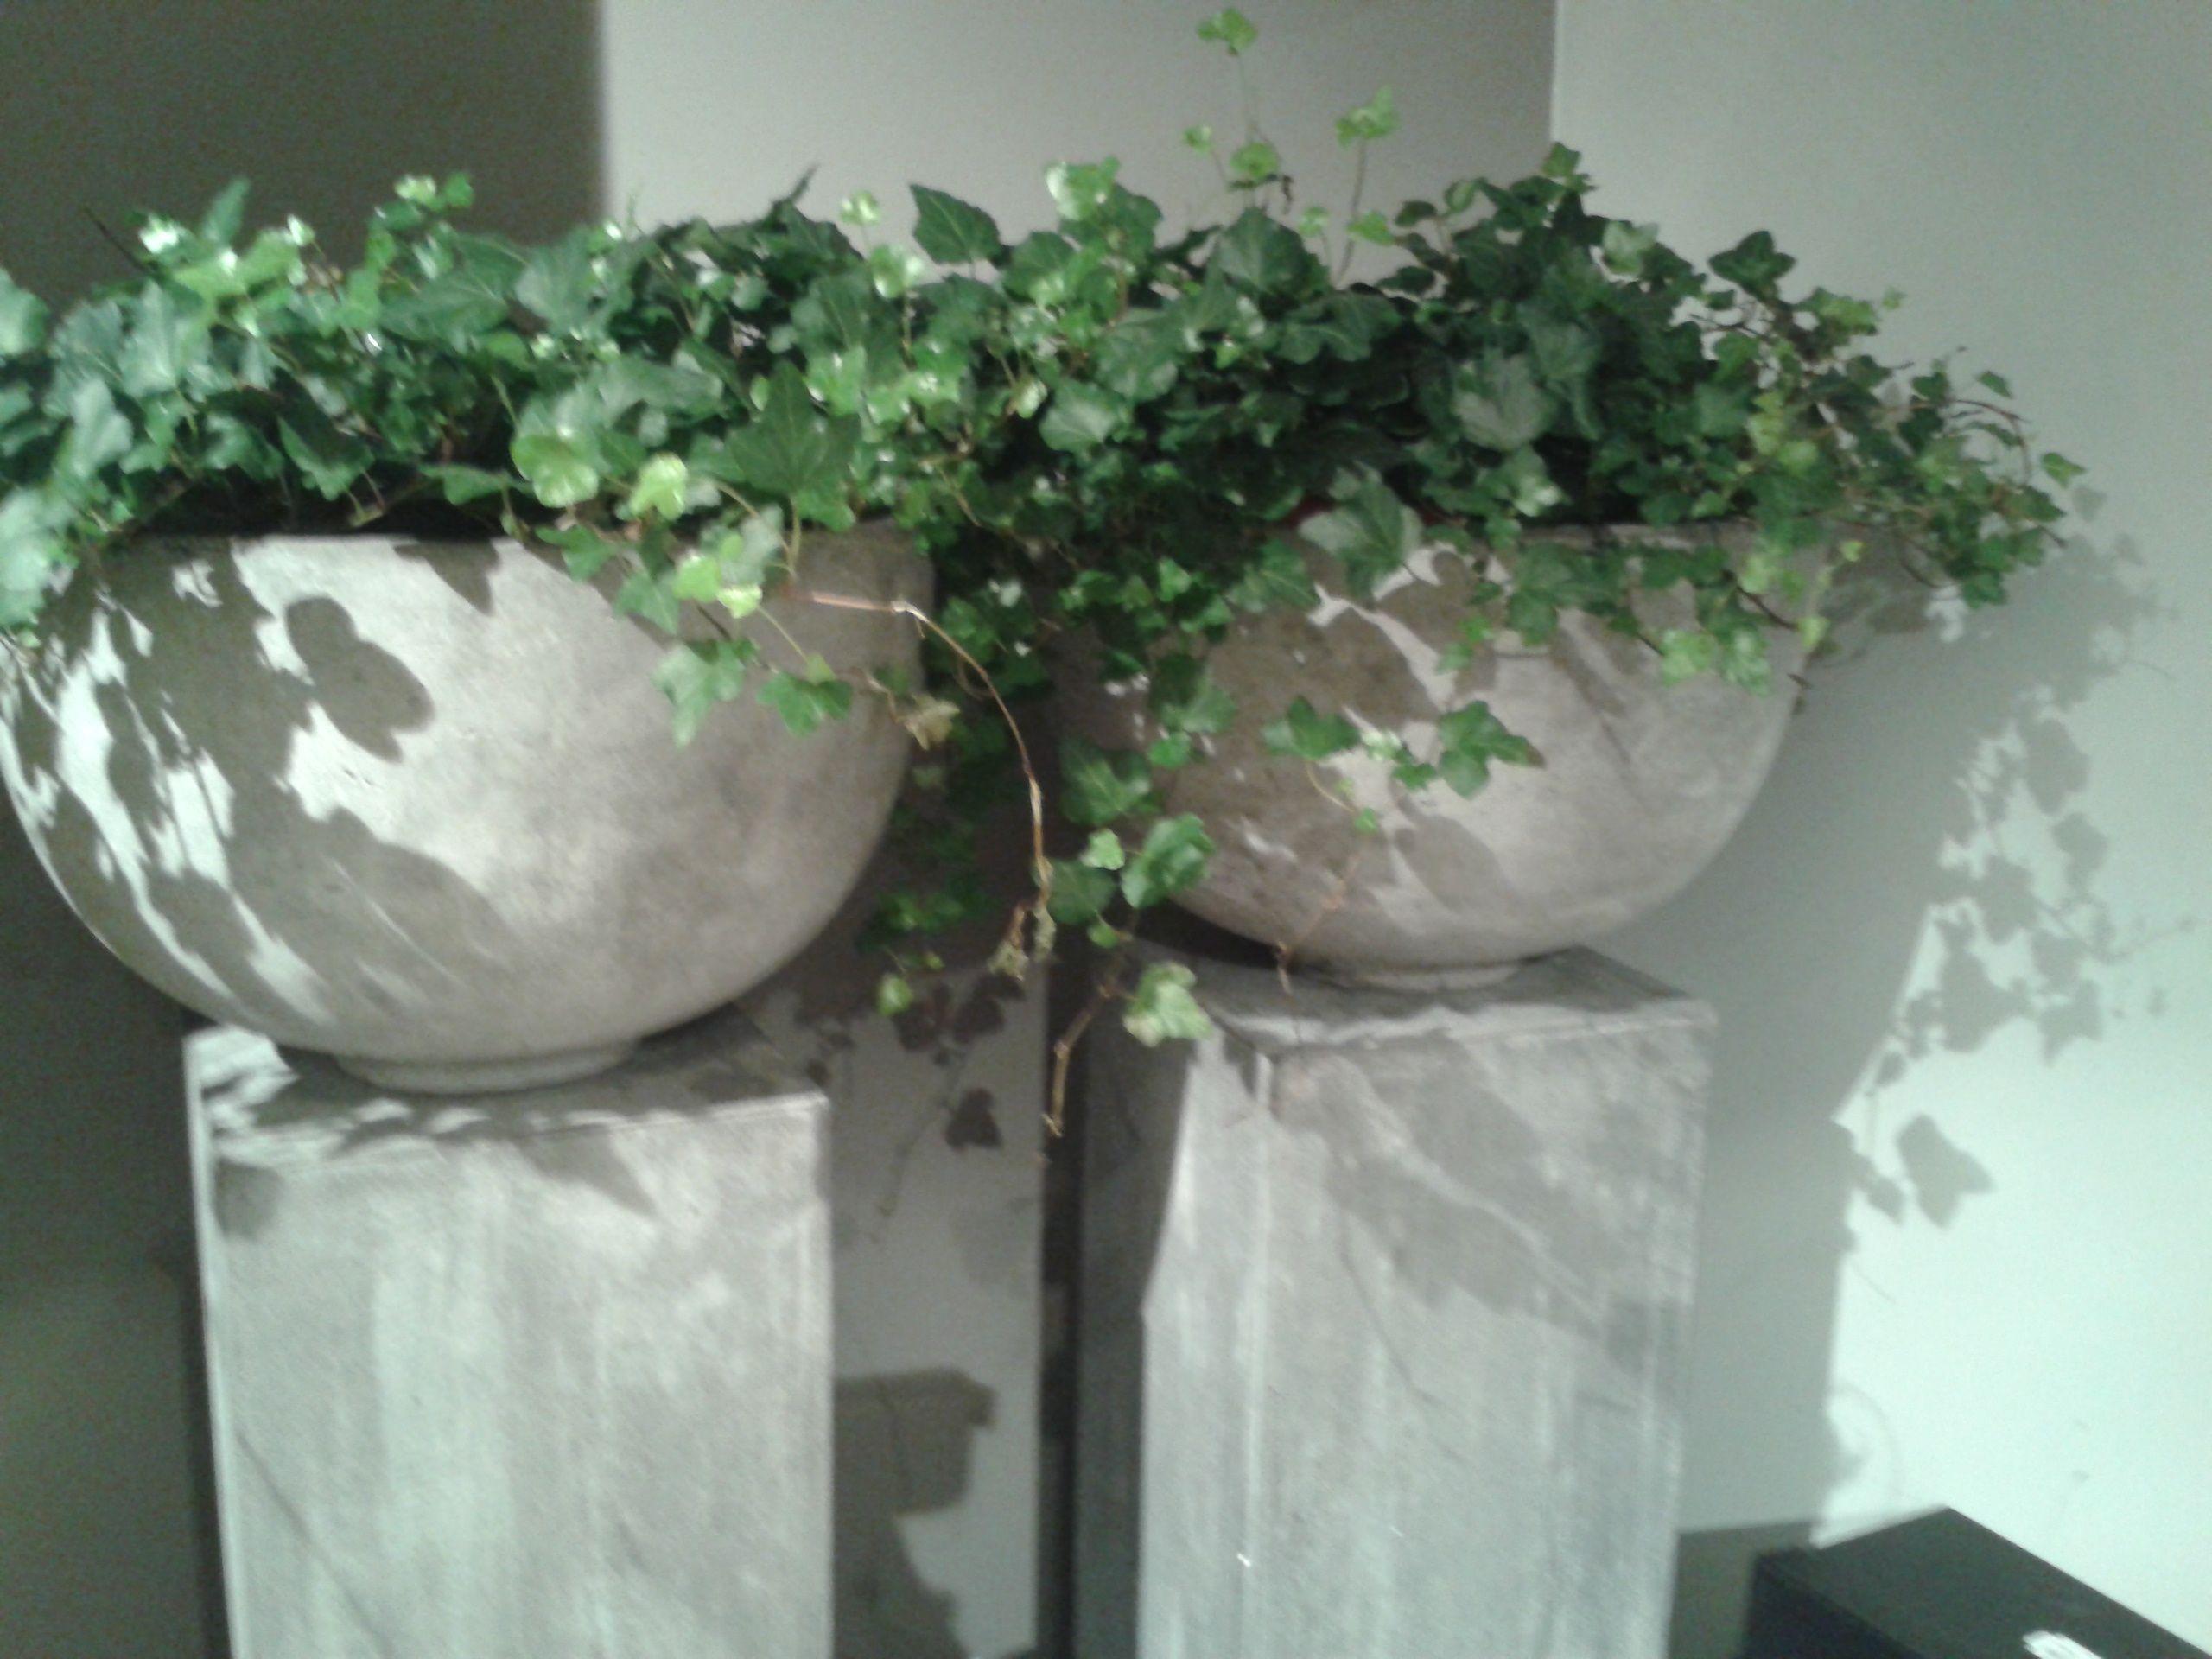 Wonderbaarlijk planten in stoere potten op zuil, prachtig | reservoir - Thuis WZ-94